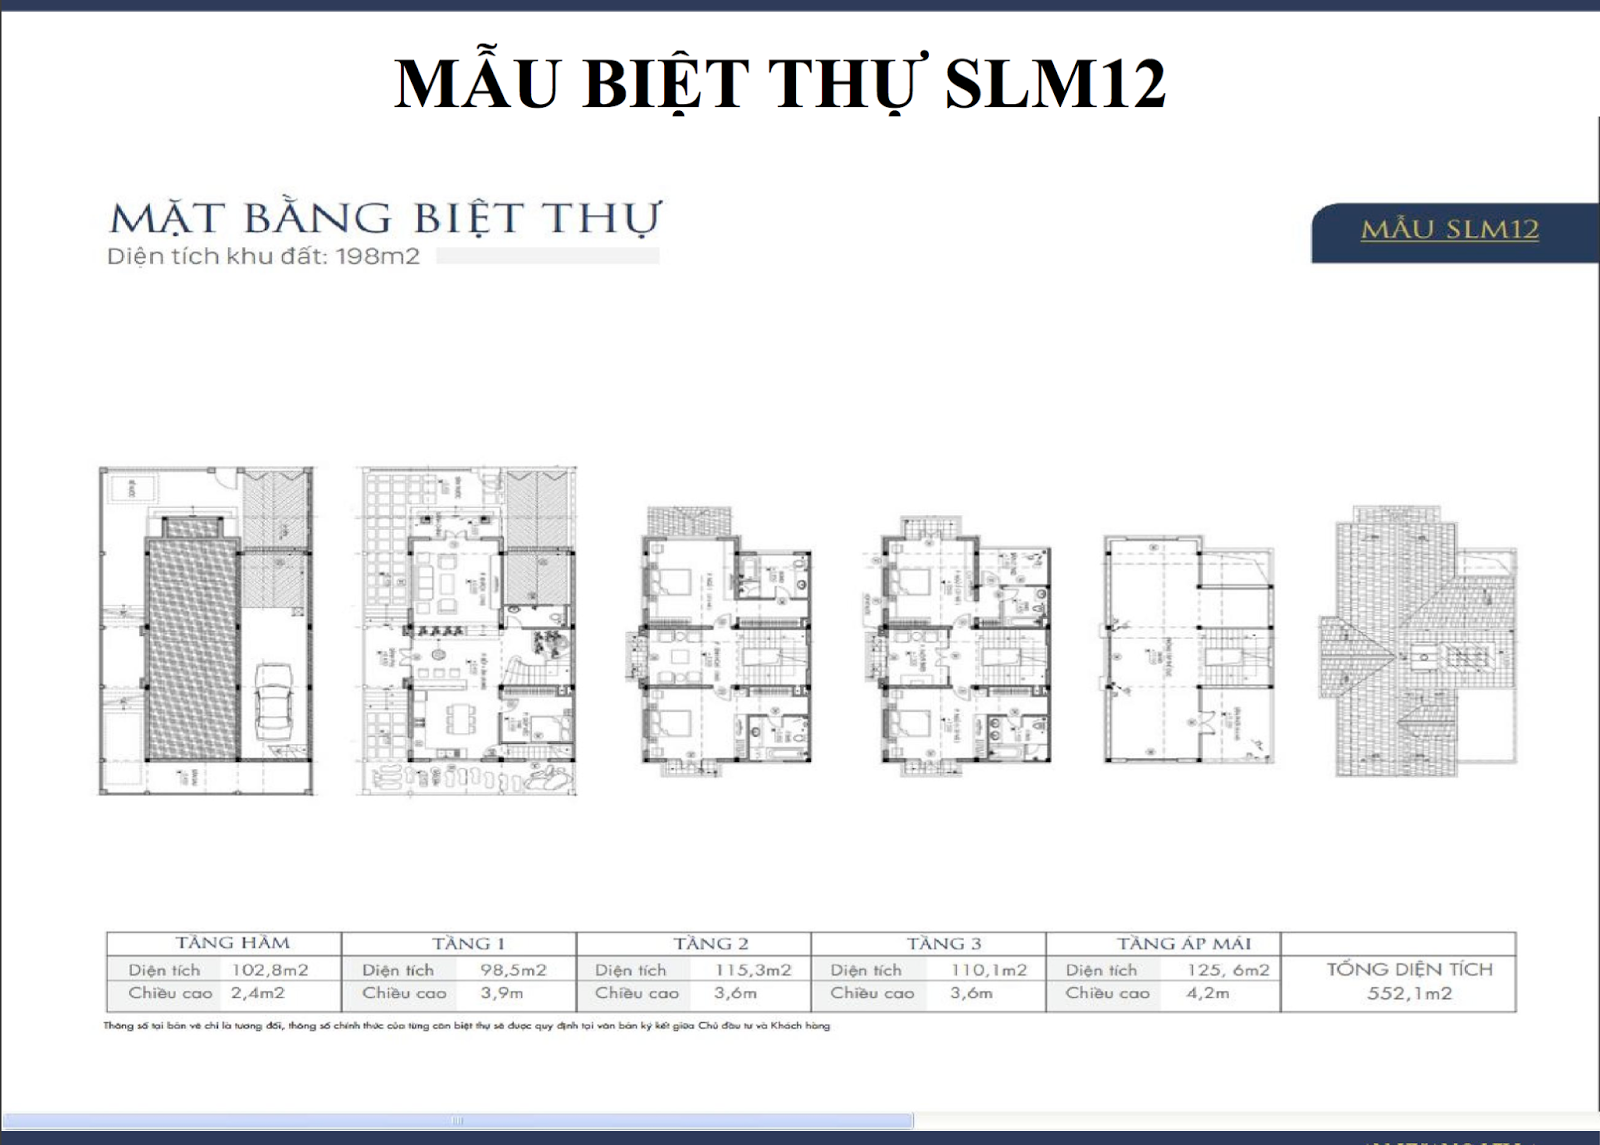 Mẫu biệt thự An Khang Dương Nội SLM12